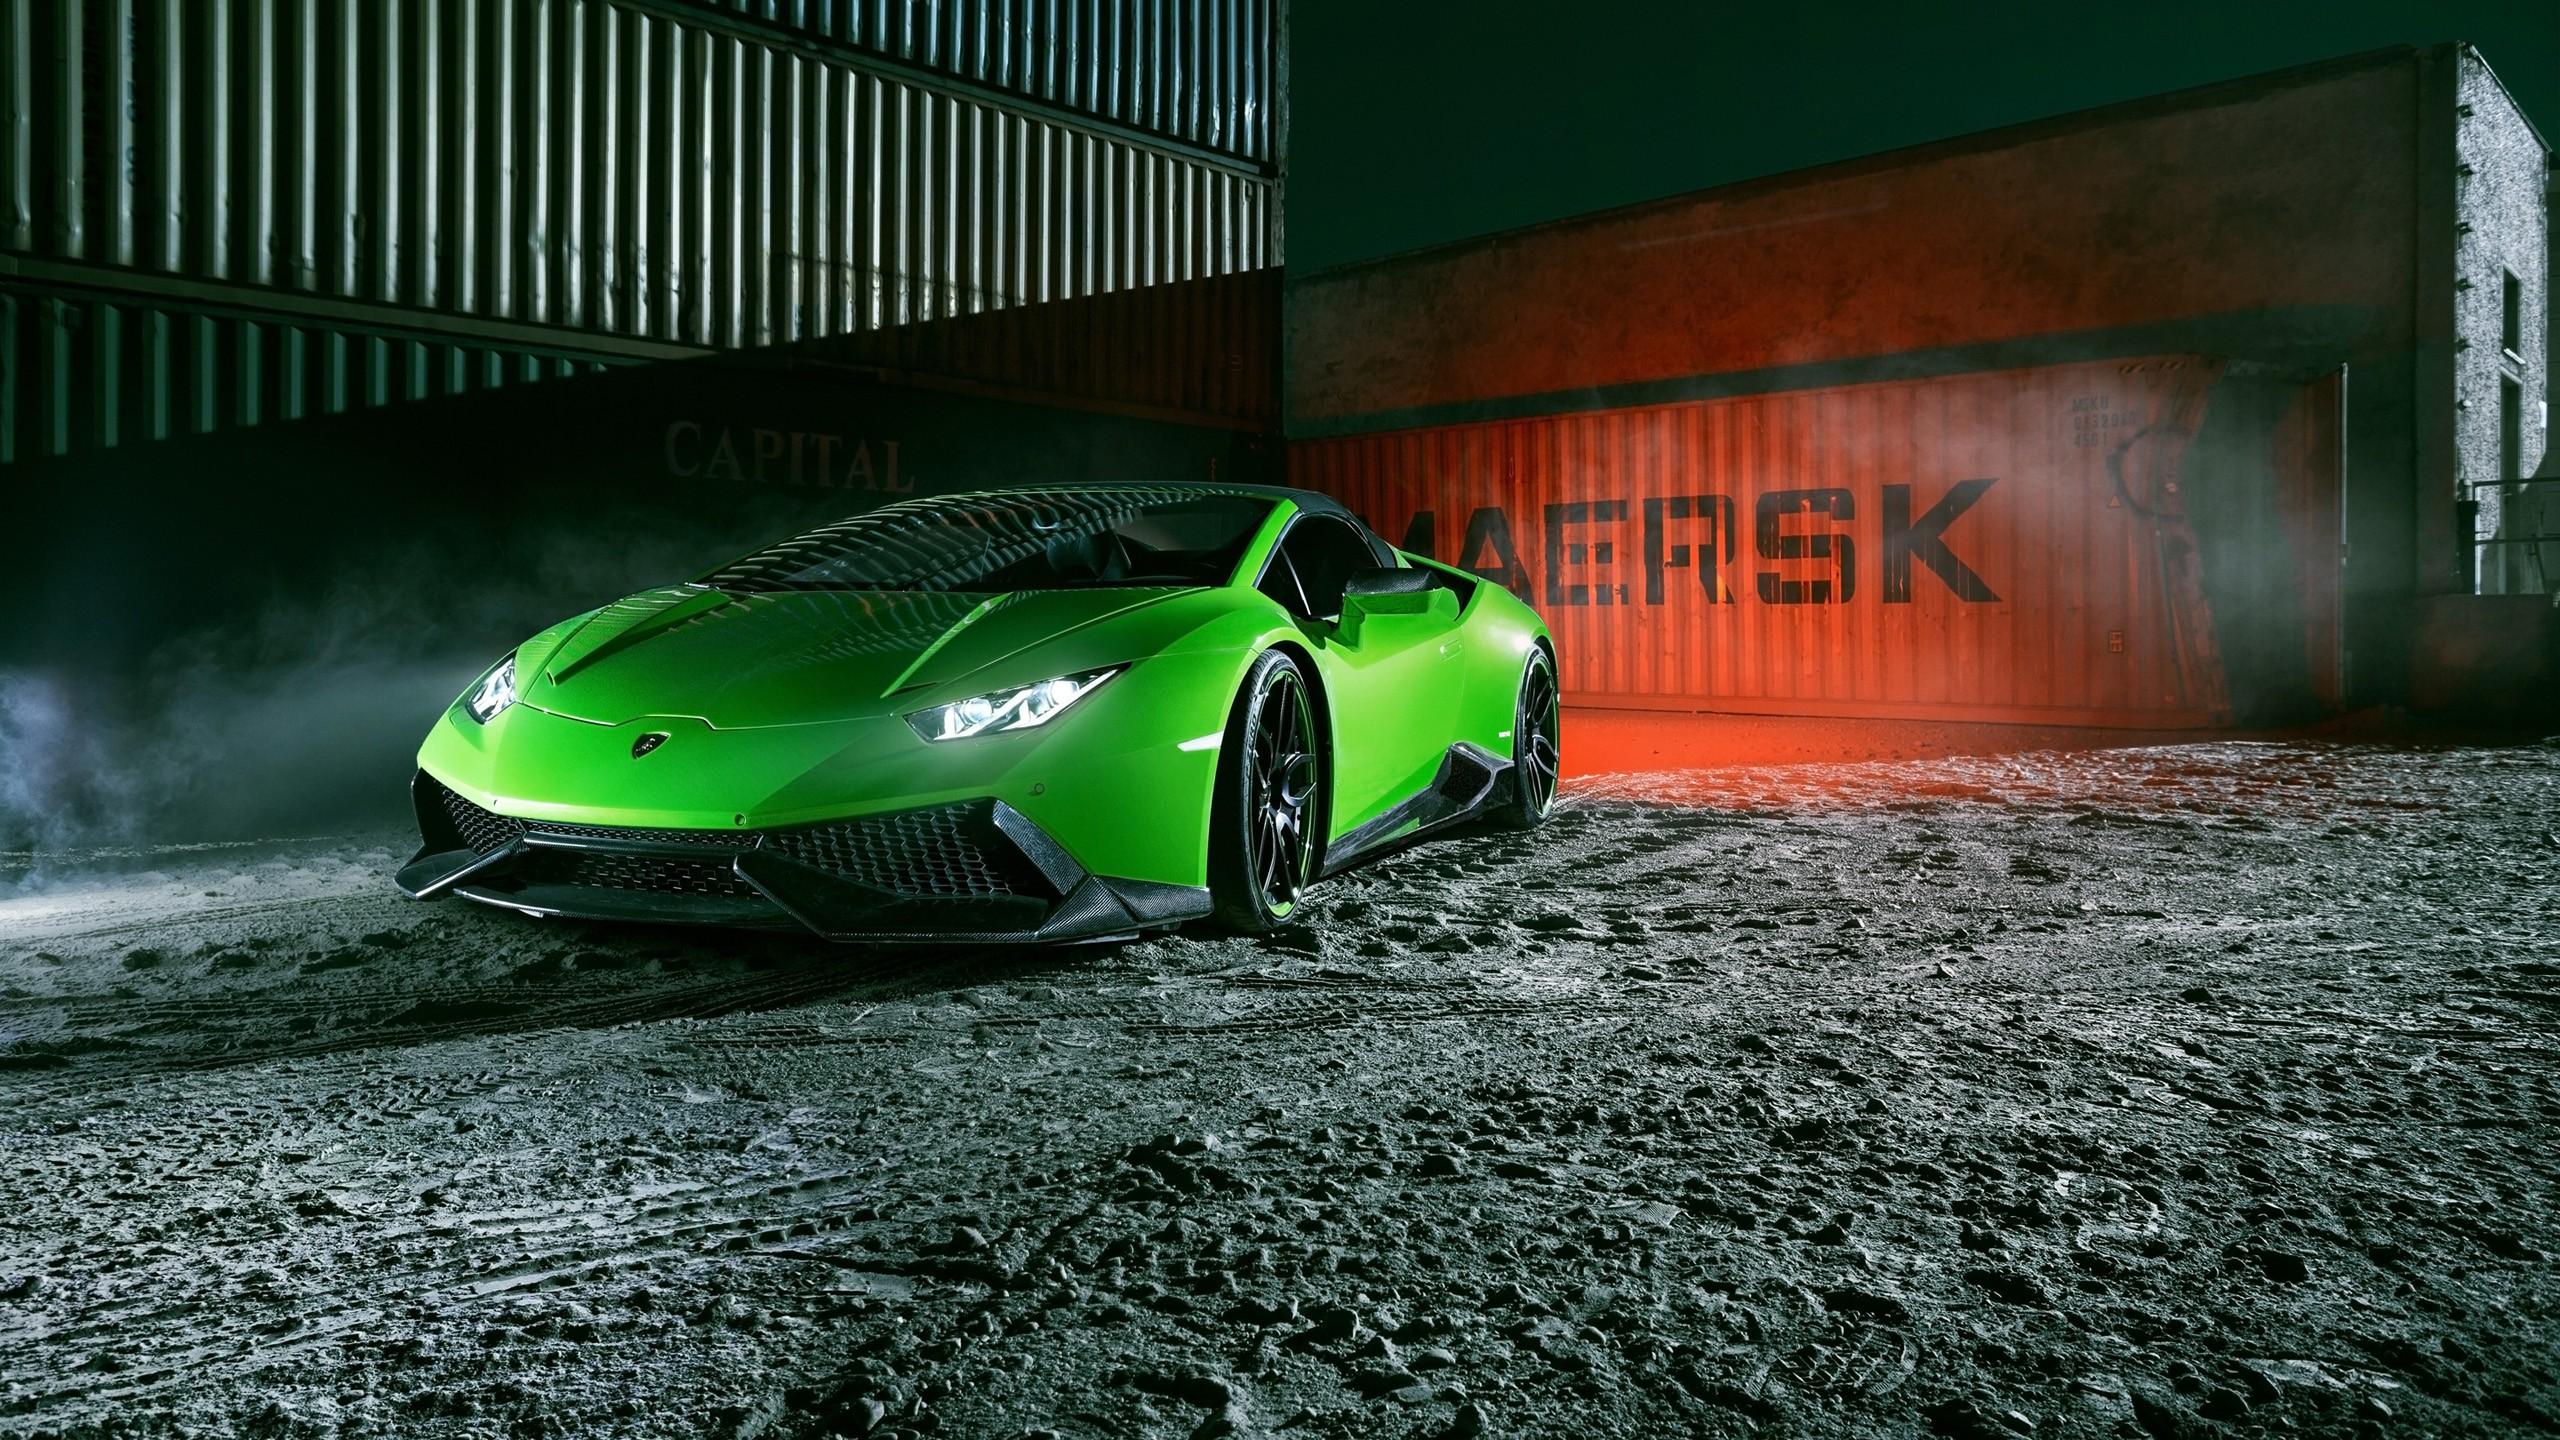 Best Lamborghini Huracan Hd Wallpaper For Desktop And